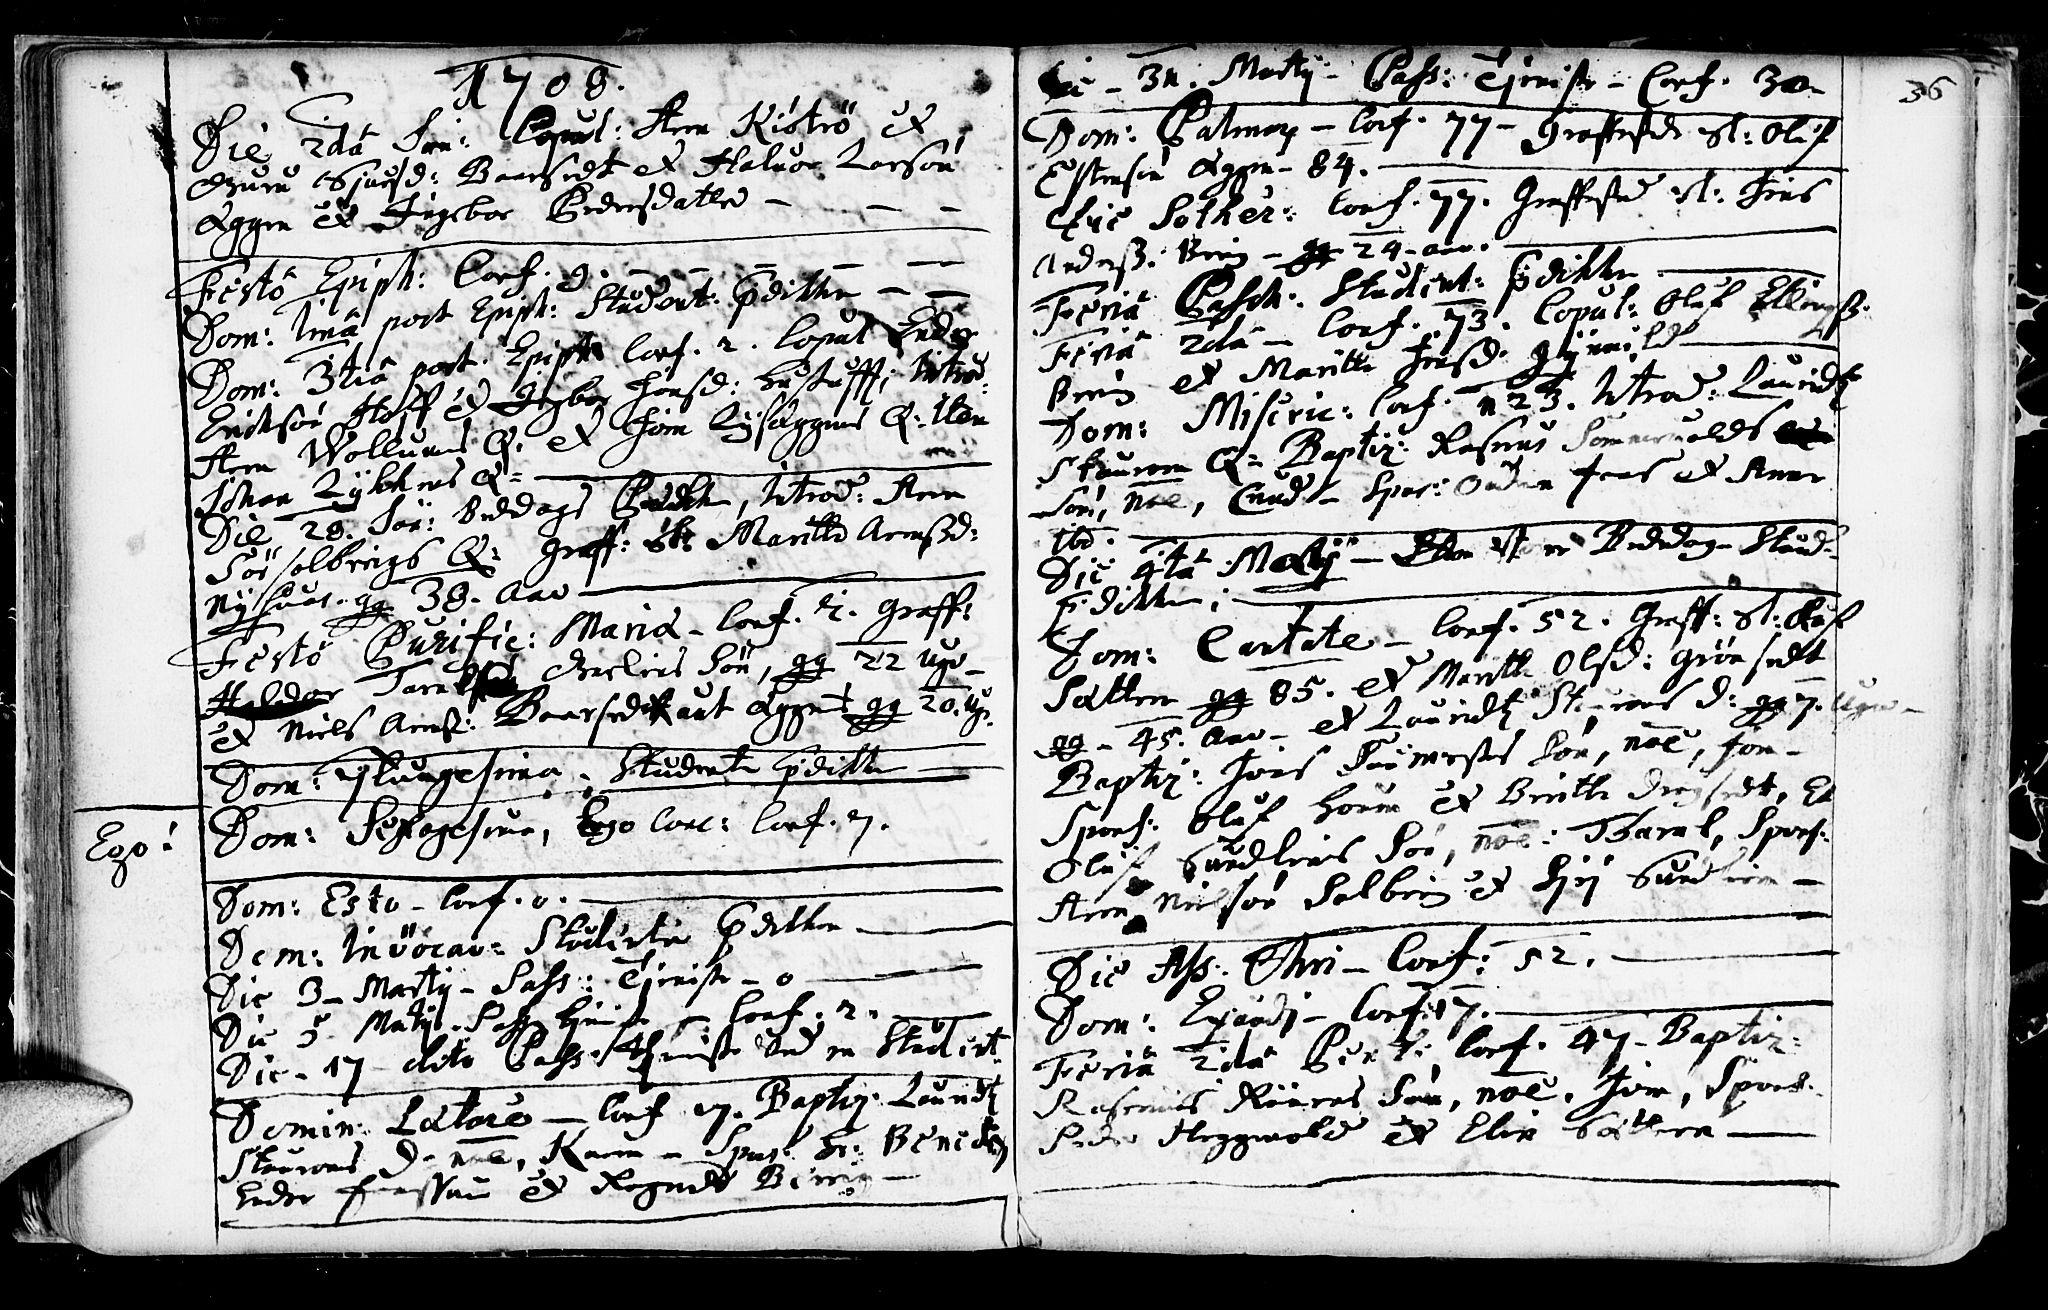 SAT, Ministerialprotokoller, klokkerbøker og fødselsregistre - Sør-Trøndelag, 689/L1036: Ministerialbok nr. 689A01, 1696-1746, s. 36